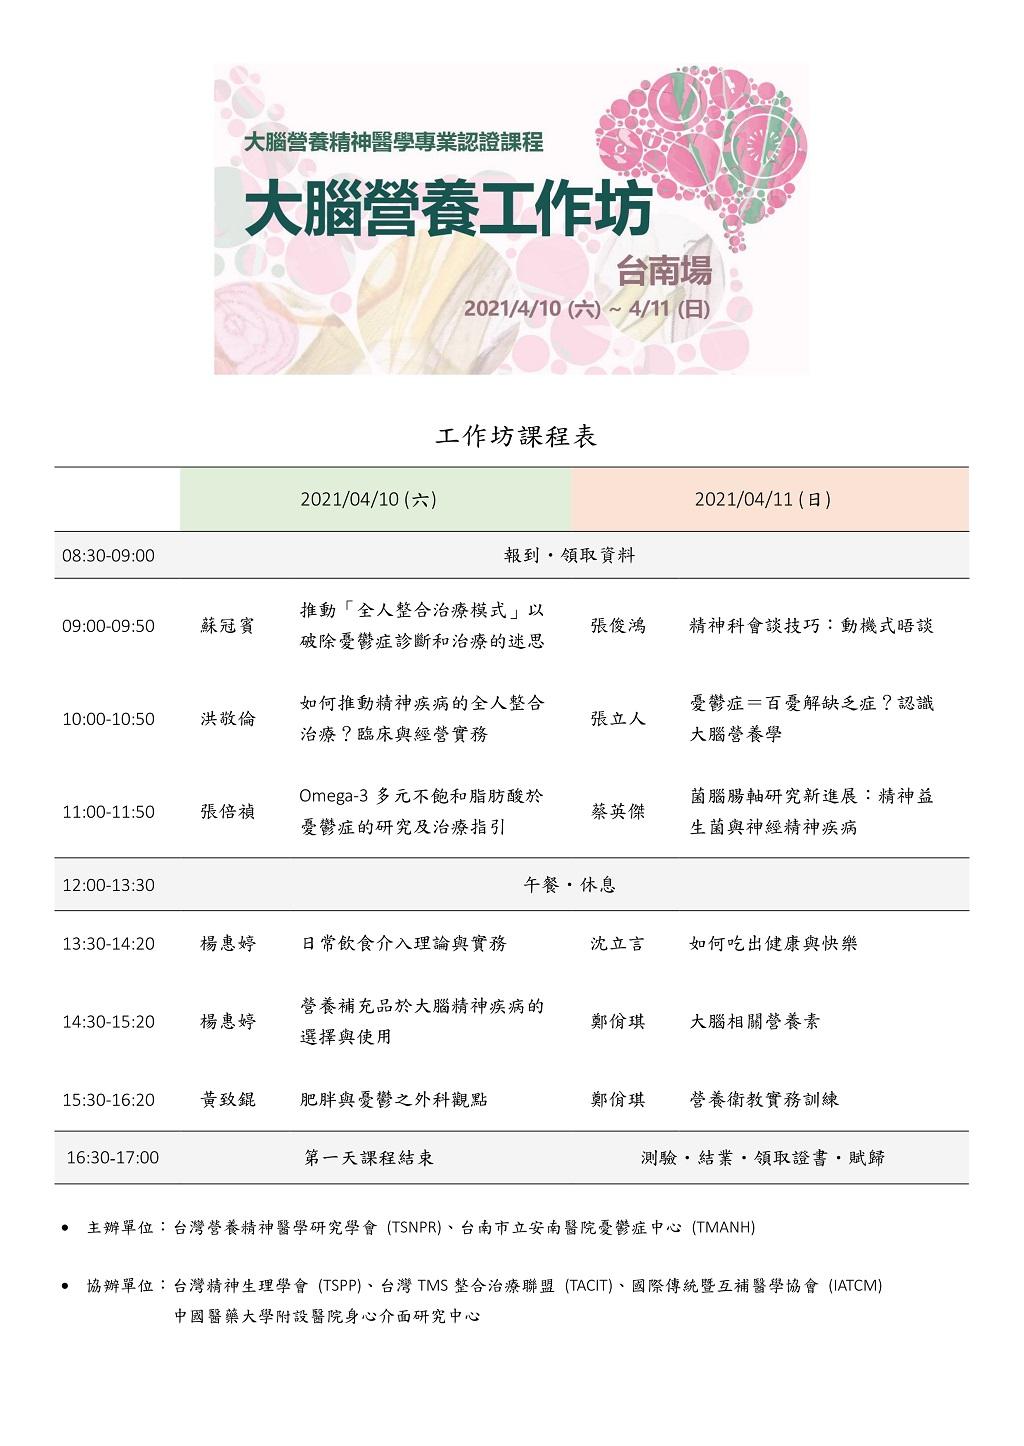 0410-0411大腦營養工作坊活動議程